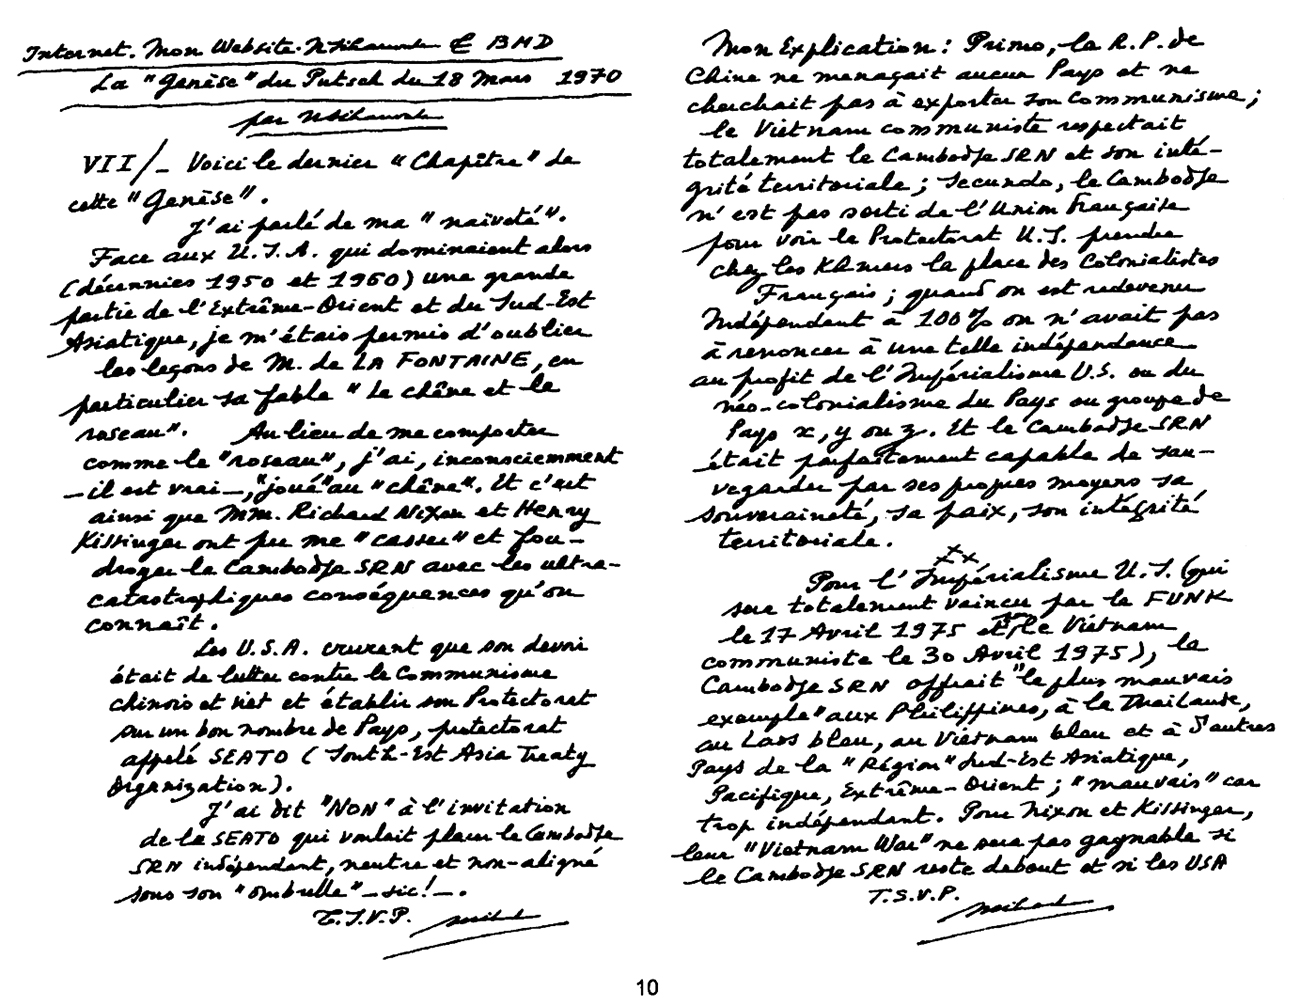 All/document/Documents/LaGenseduPutschdu18Mars1970/LaGenseduPutschdu18Mars1970/id2320/photo010.jpg